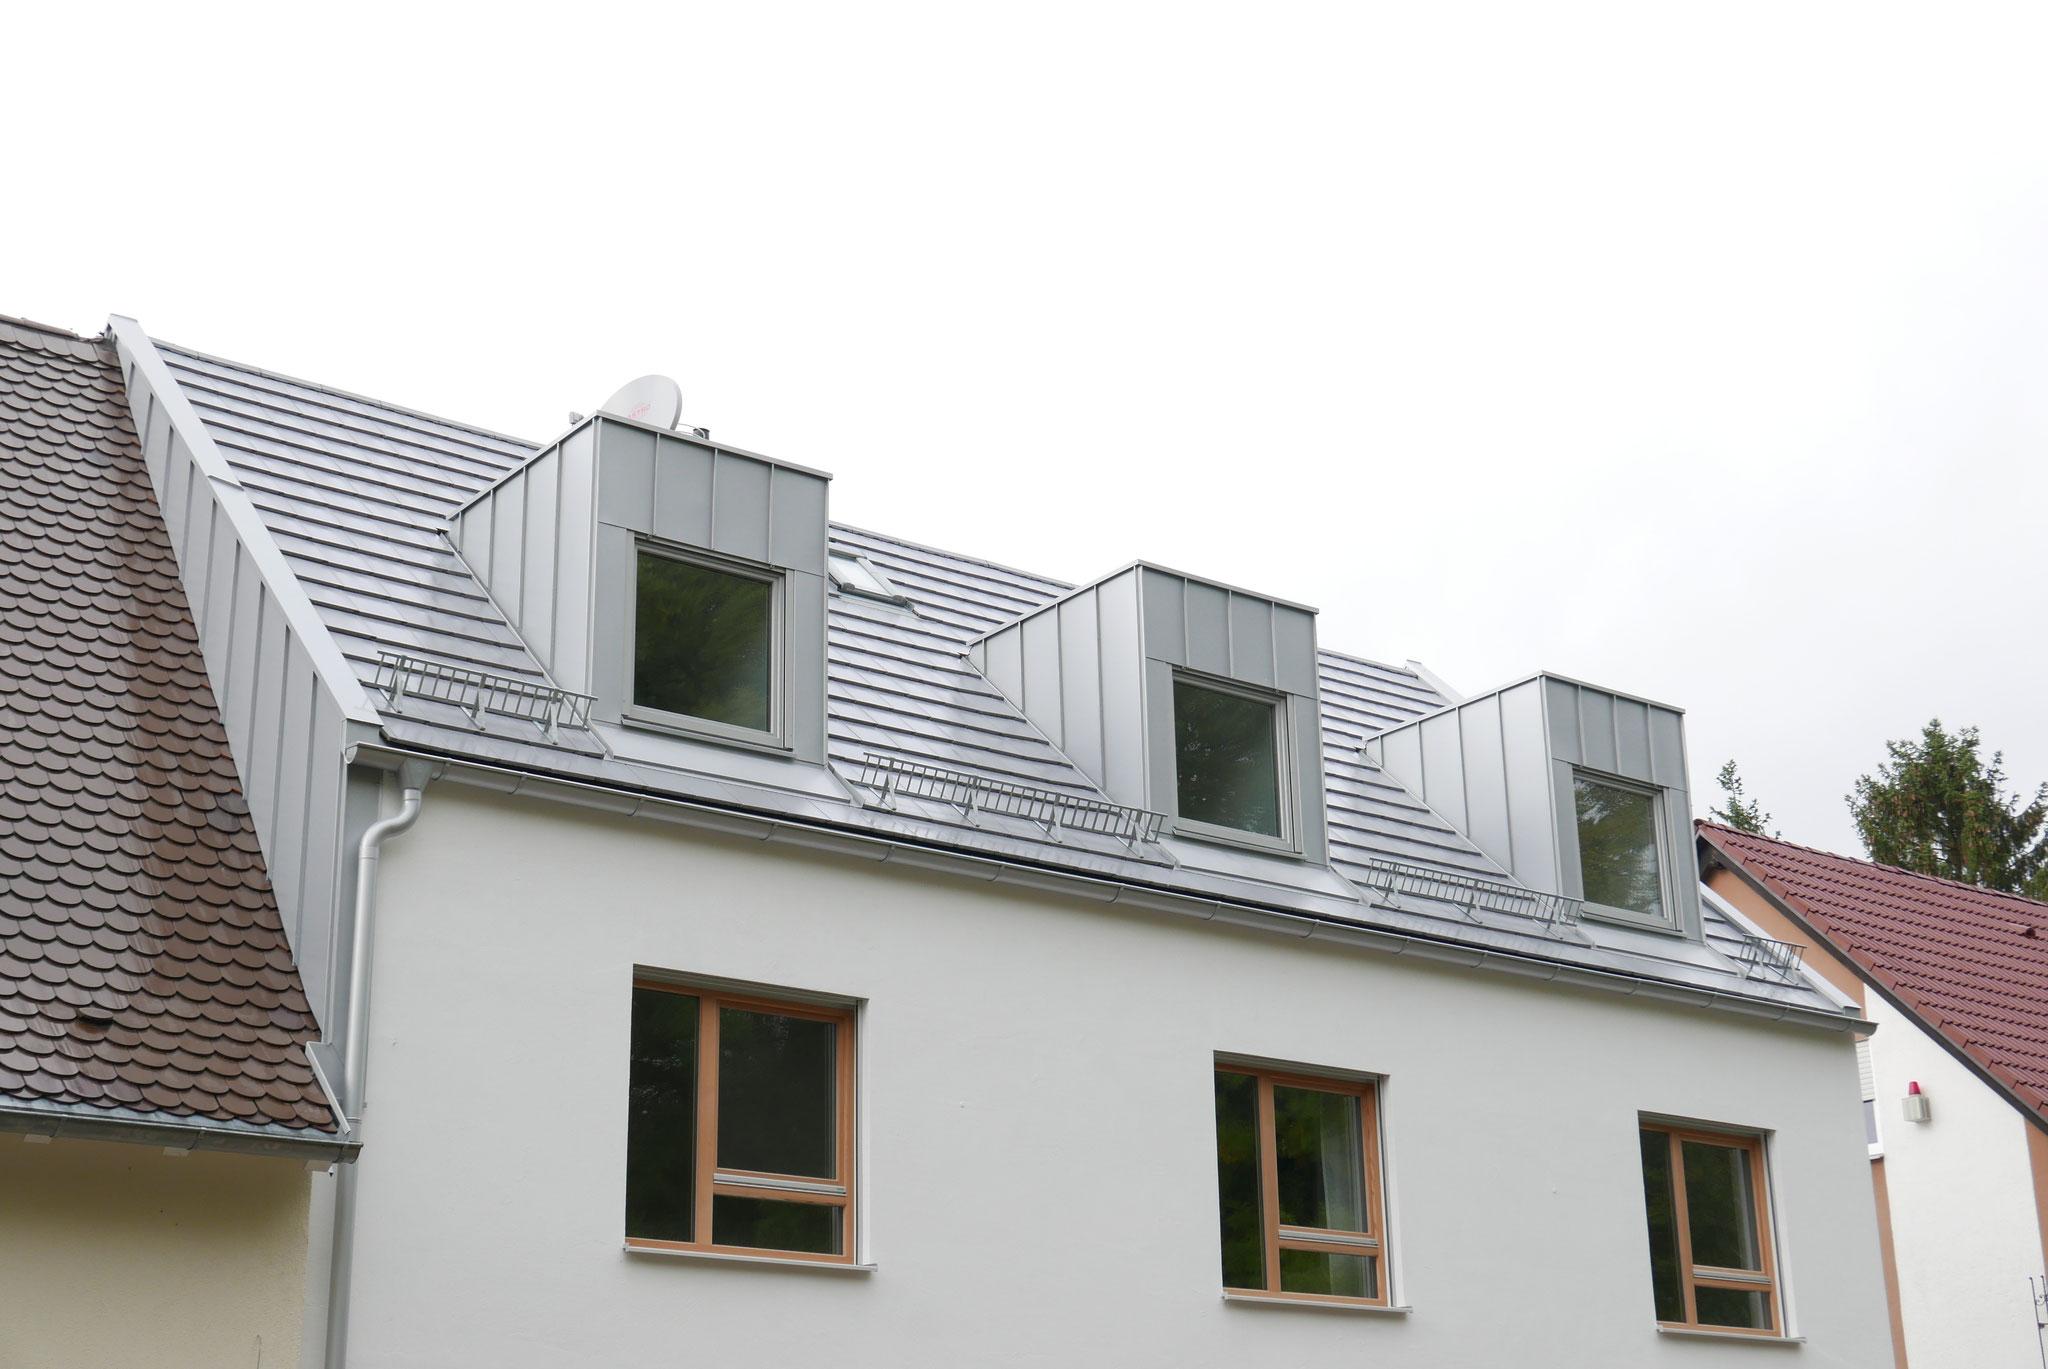 Prefa Farb-Aluminium Gaubenverkleidung / Kommunwand / Dachrinne